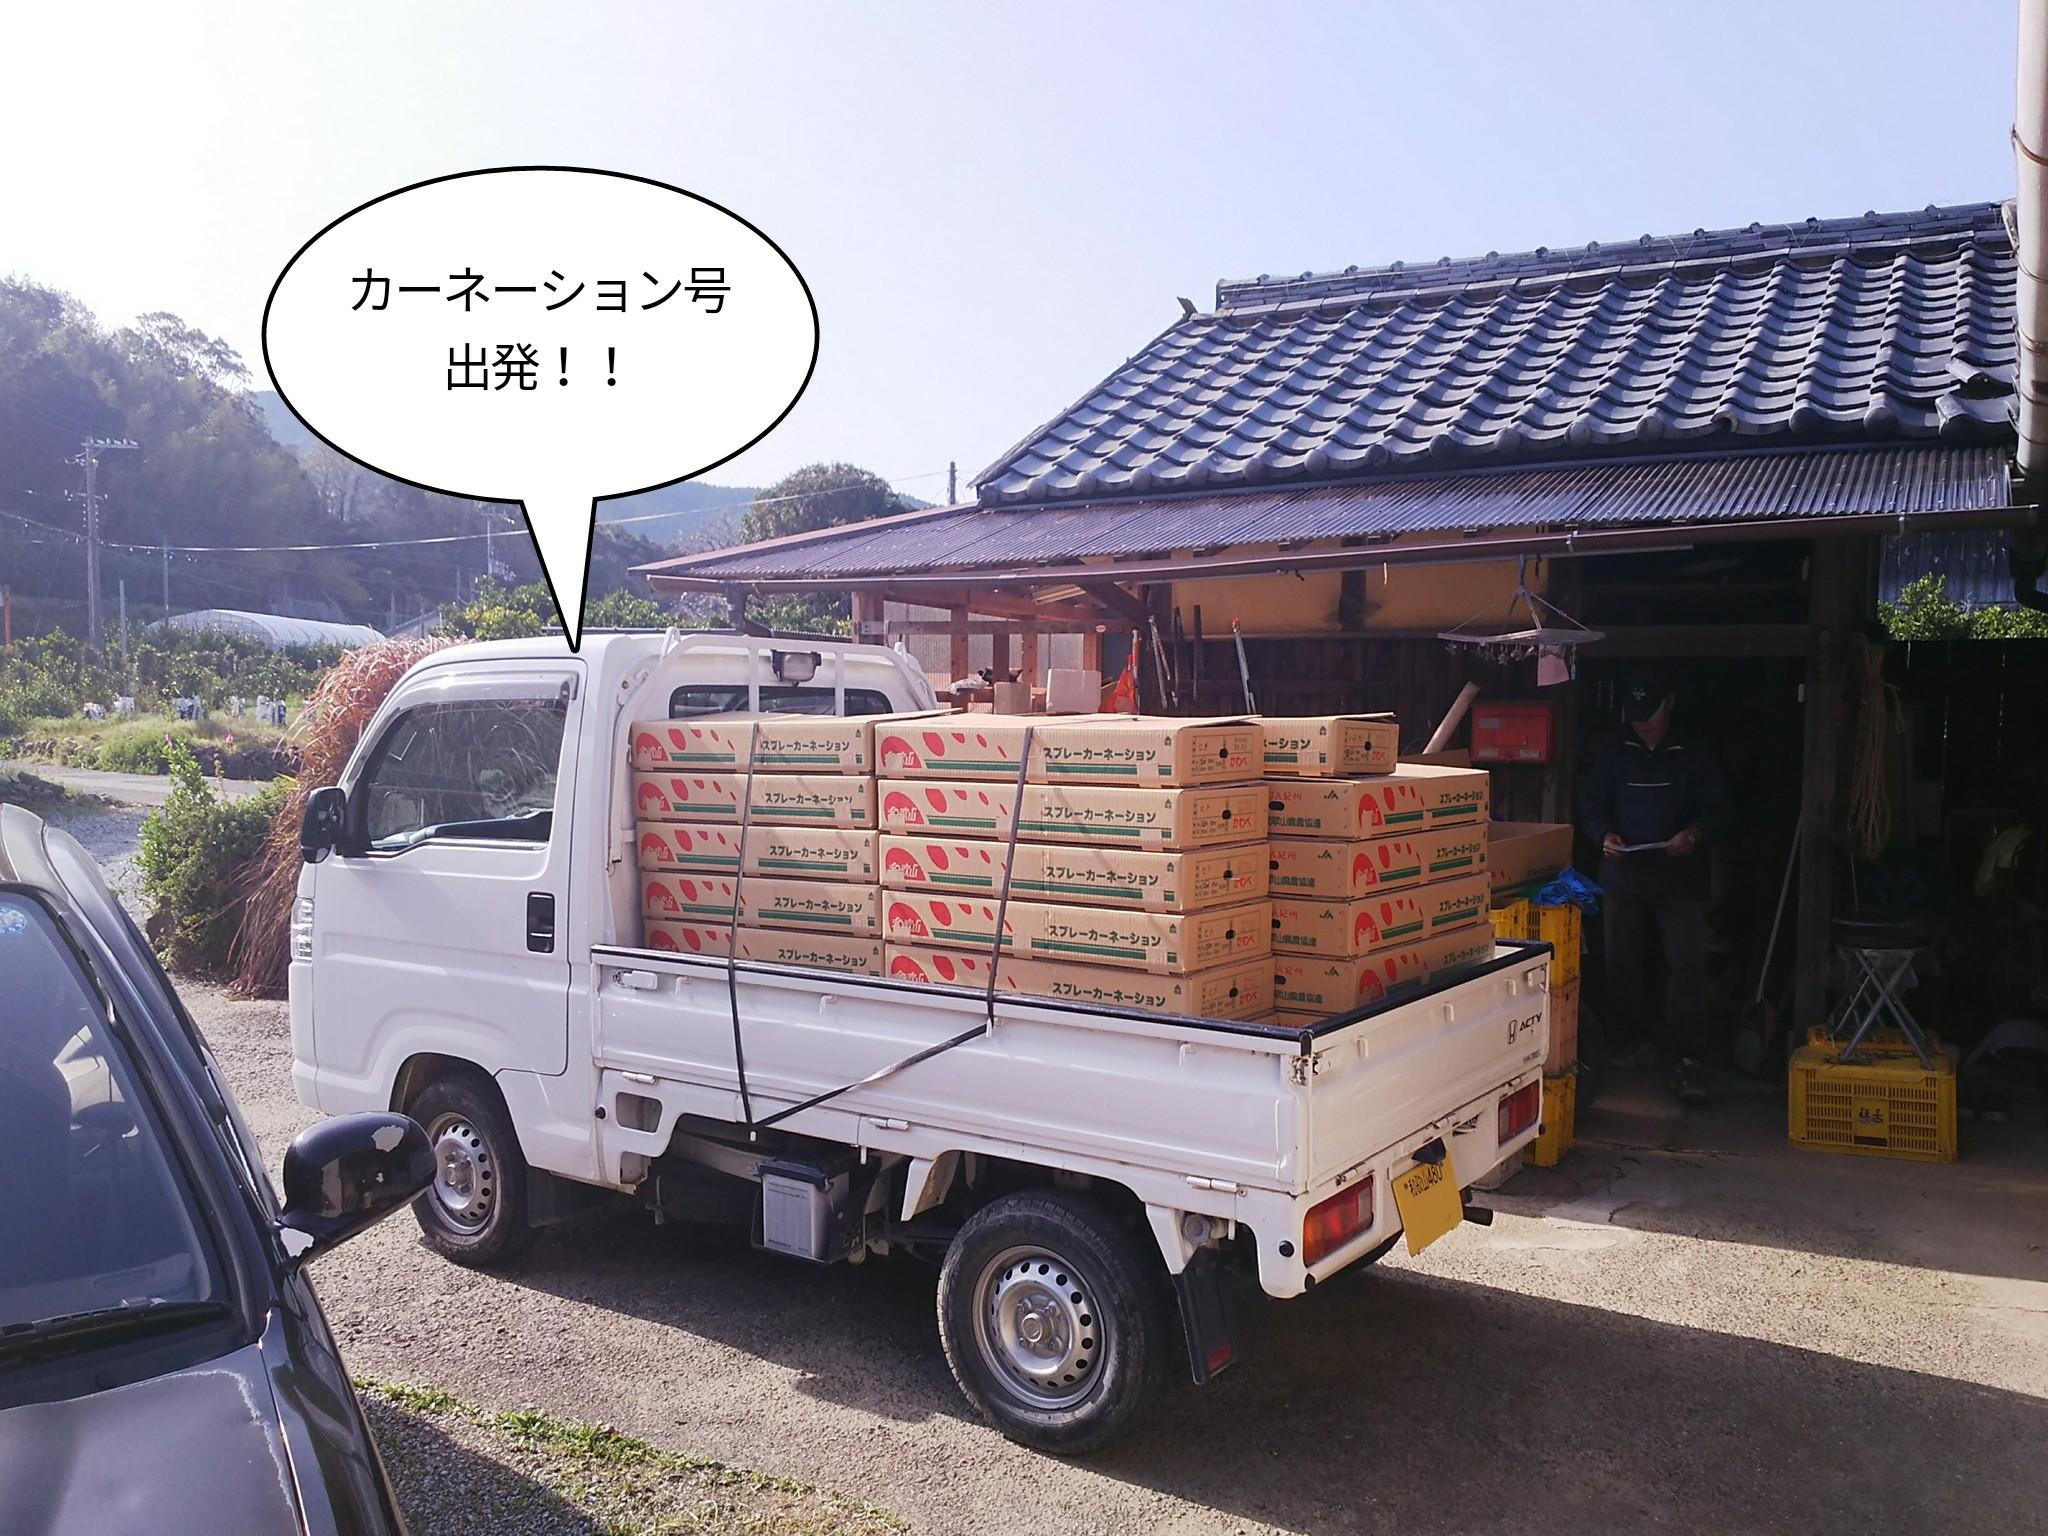 カーネーション号出発!!